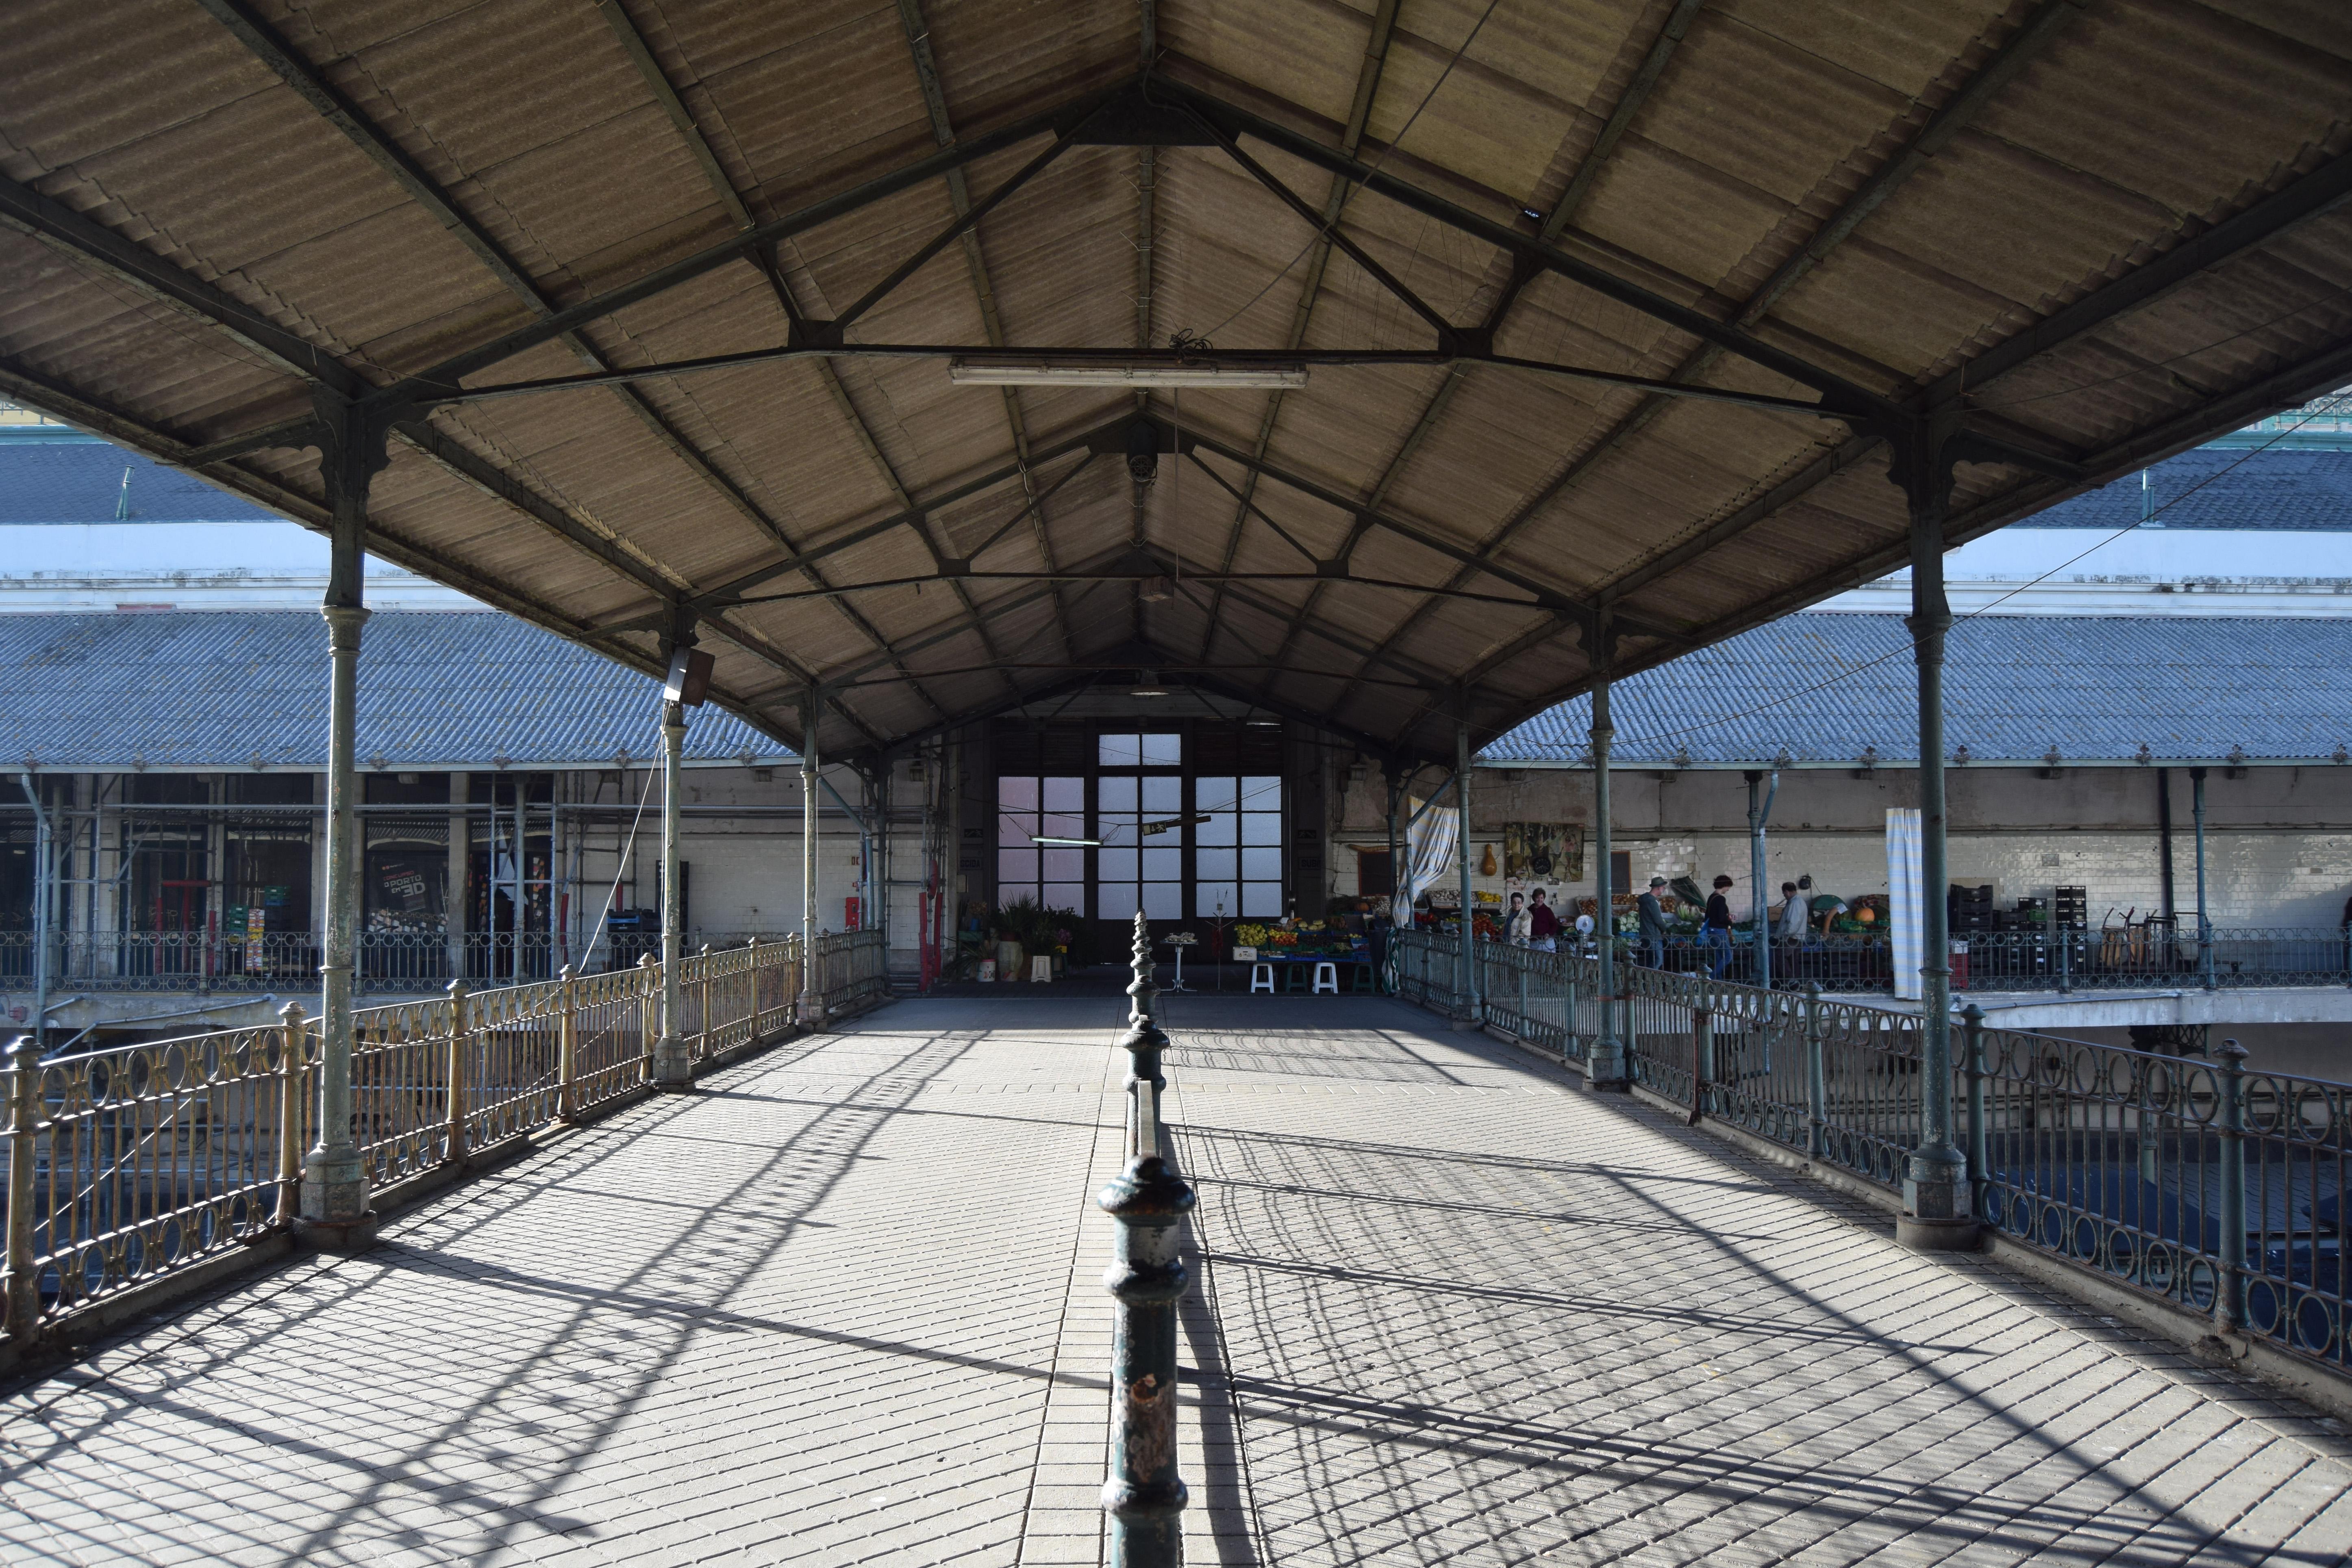 Os comerciantes serão transferidos para o centro comercial La Vie até ao final de abril, havendo condições para que as obras comecem no mês seguinte.